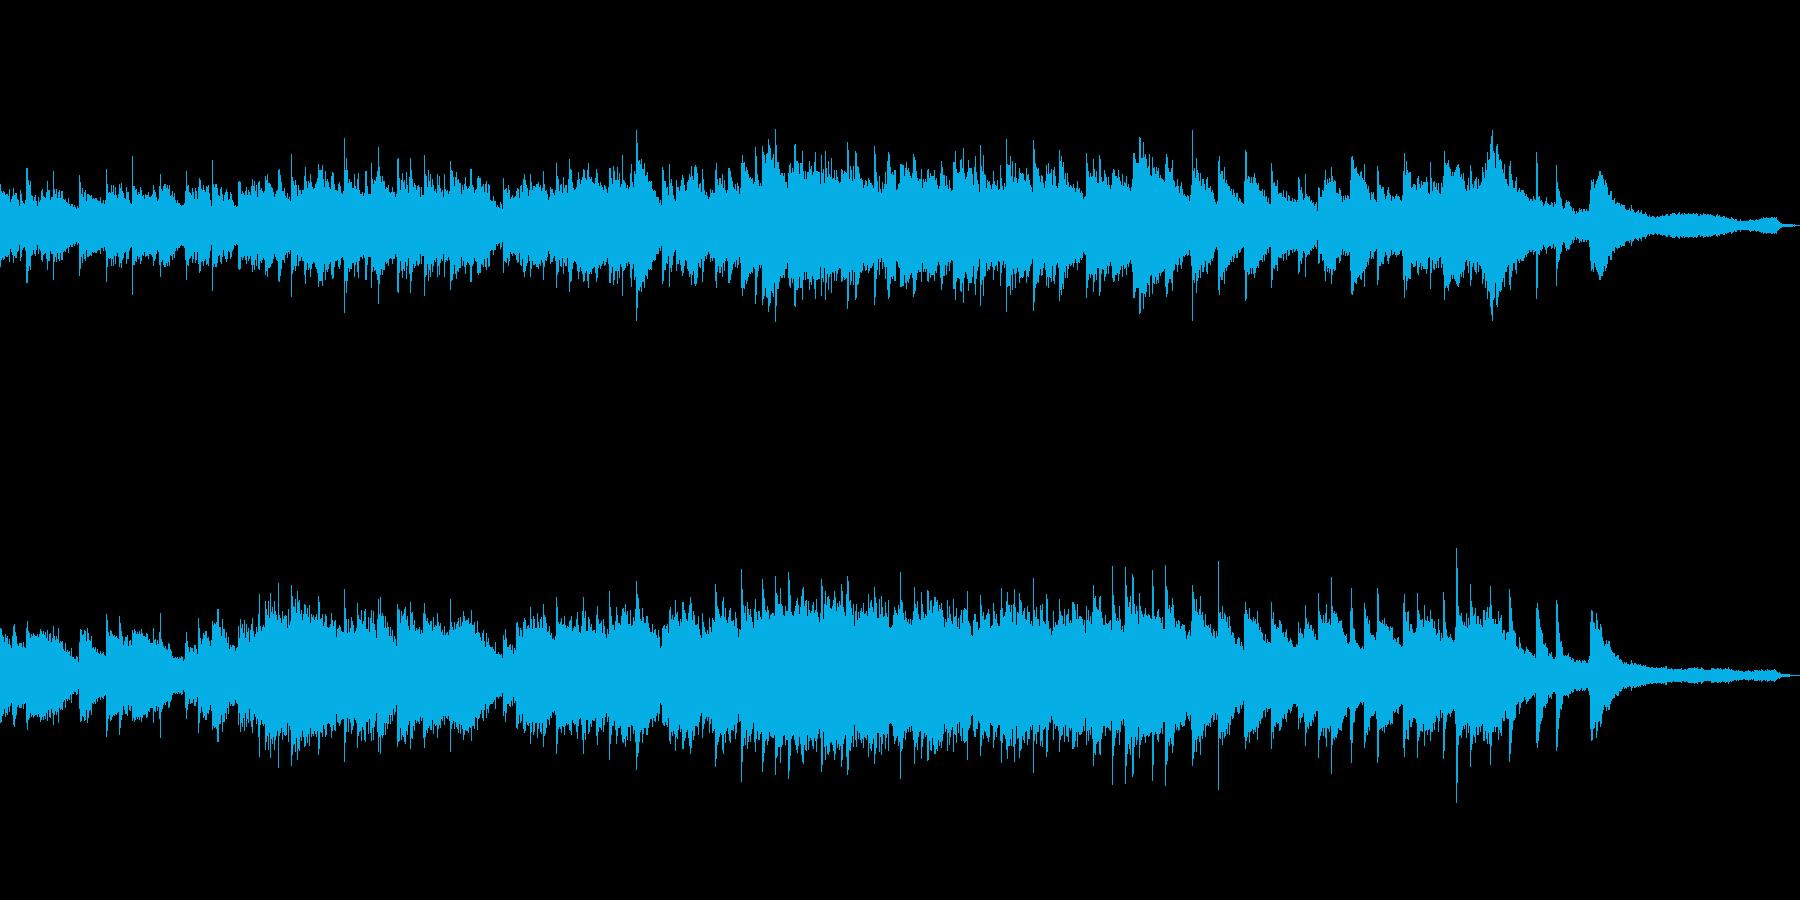 アルペジオが印象的なソロピアノの小品の再生済みの波形